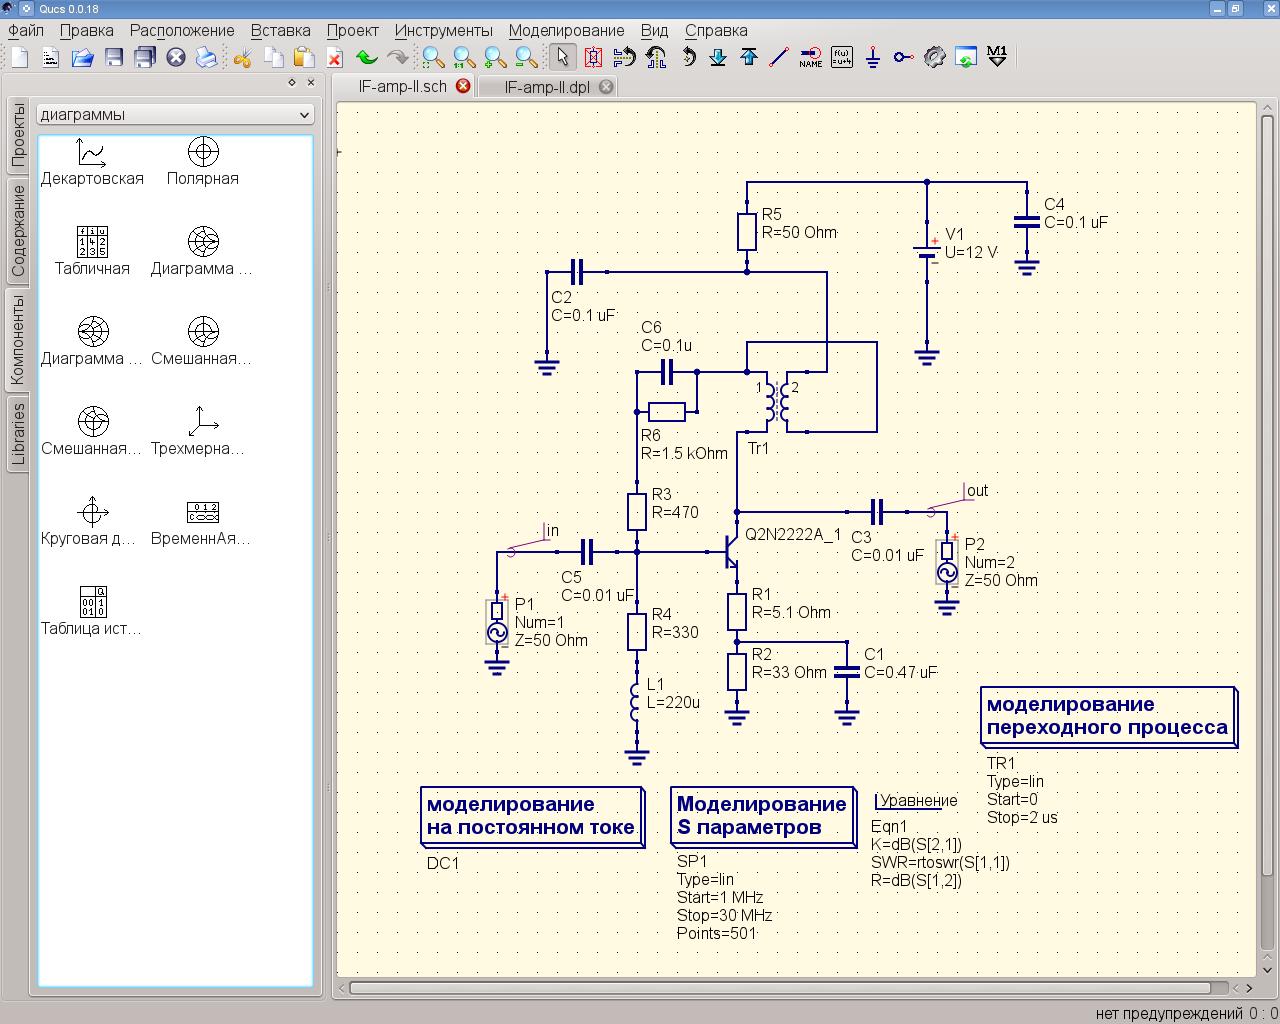 Моделирование схем qucs